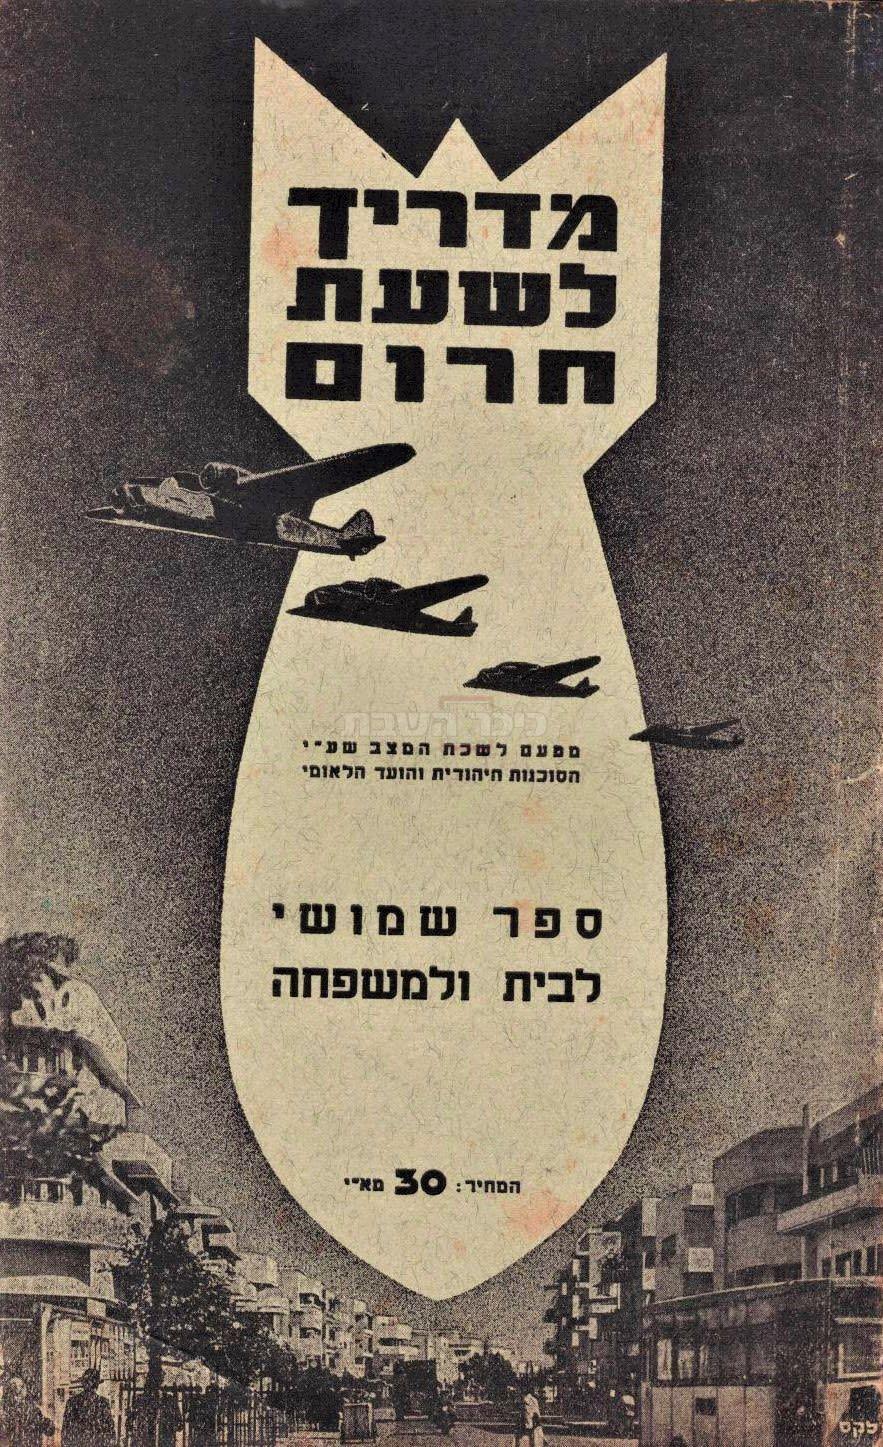 חוברת 'מדריך לשעת חרום', כיצד להתגונן מהפצצה על מרכז הארץ. תל אביב שנת ת''ש (1940)  (באדיבות בית המכירות 'קינג דויד')